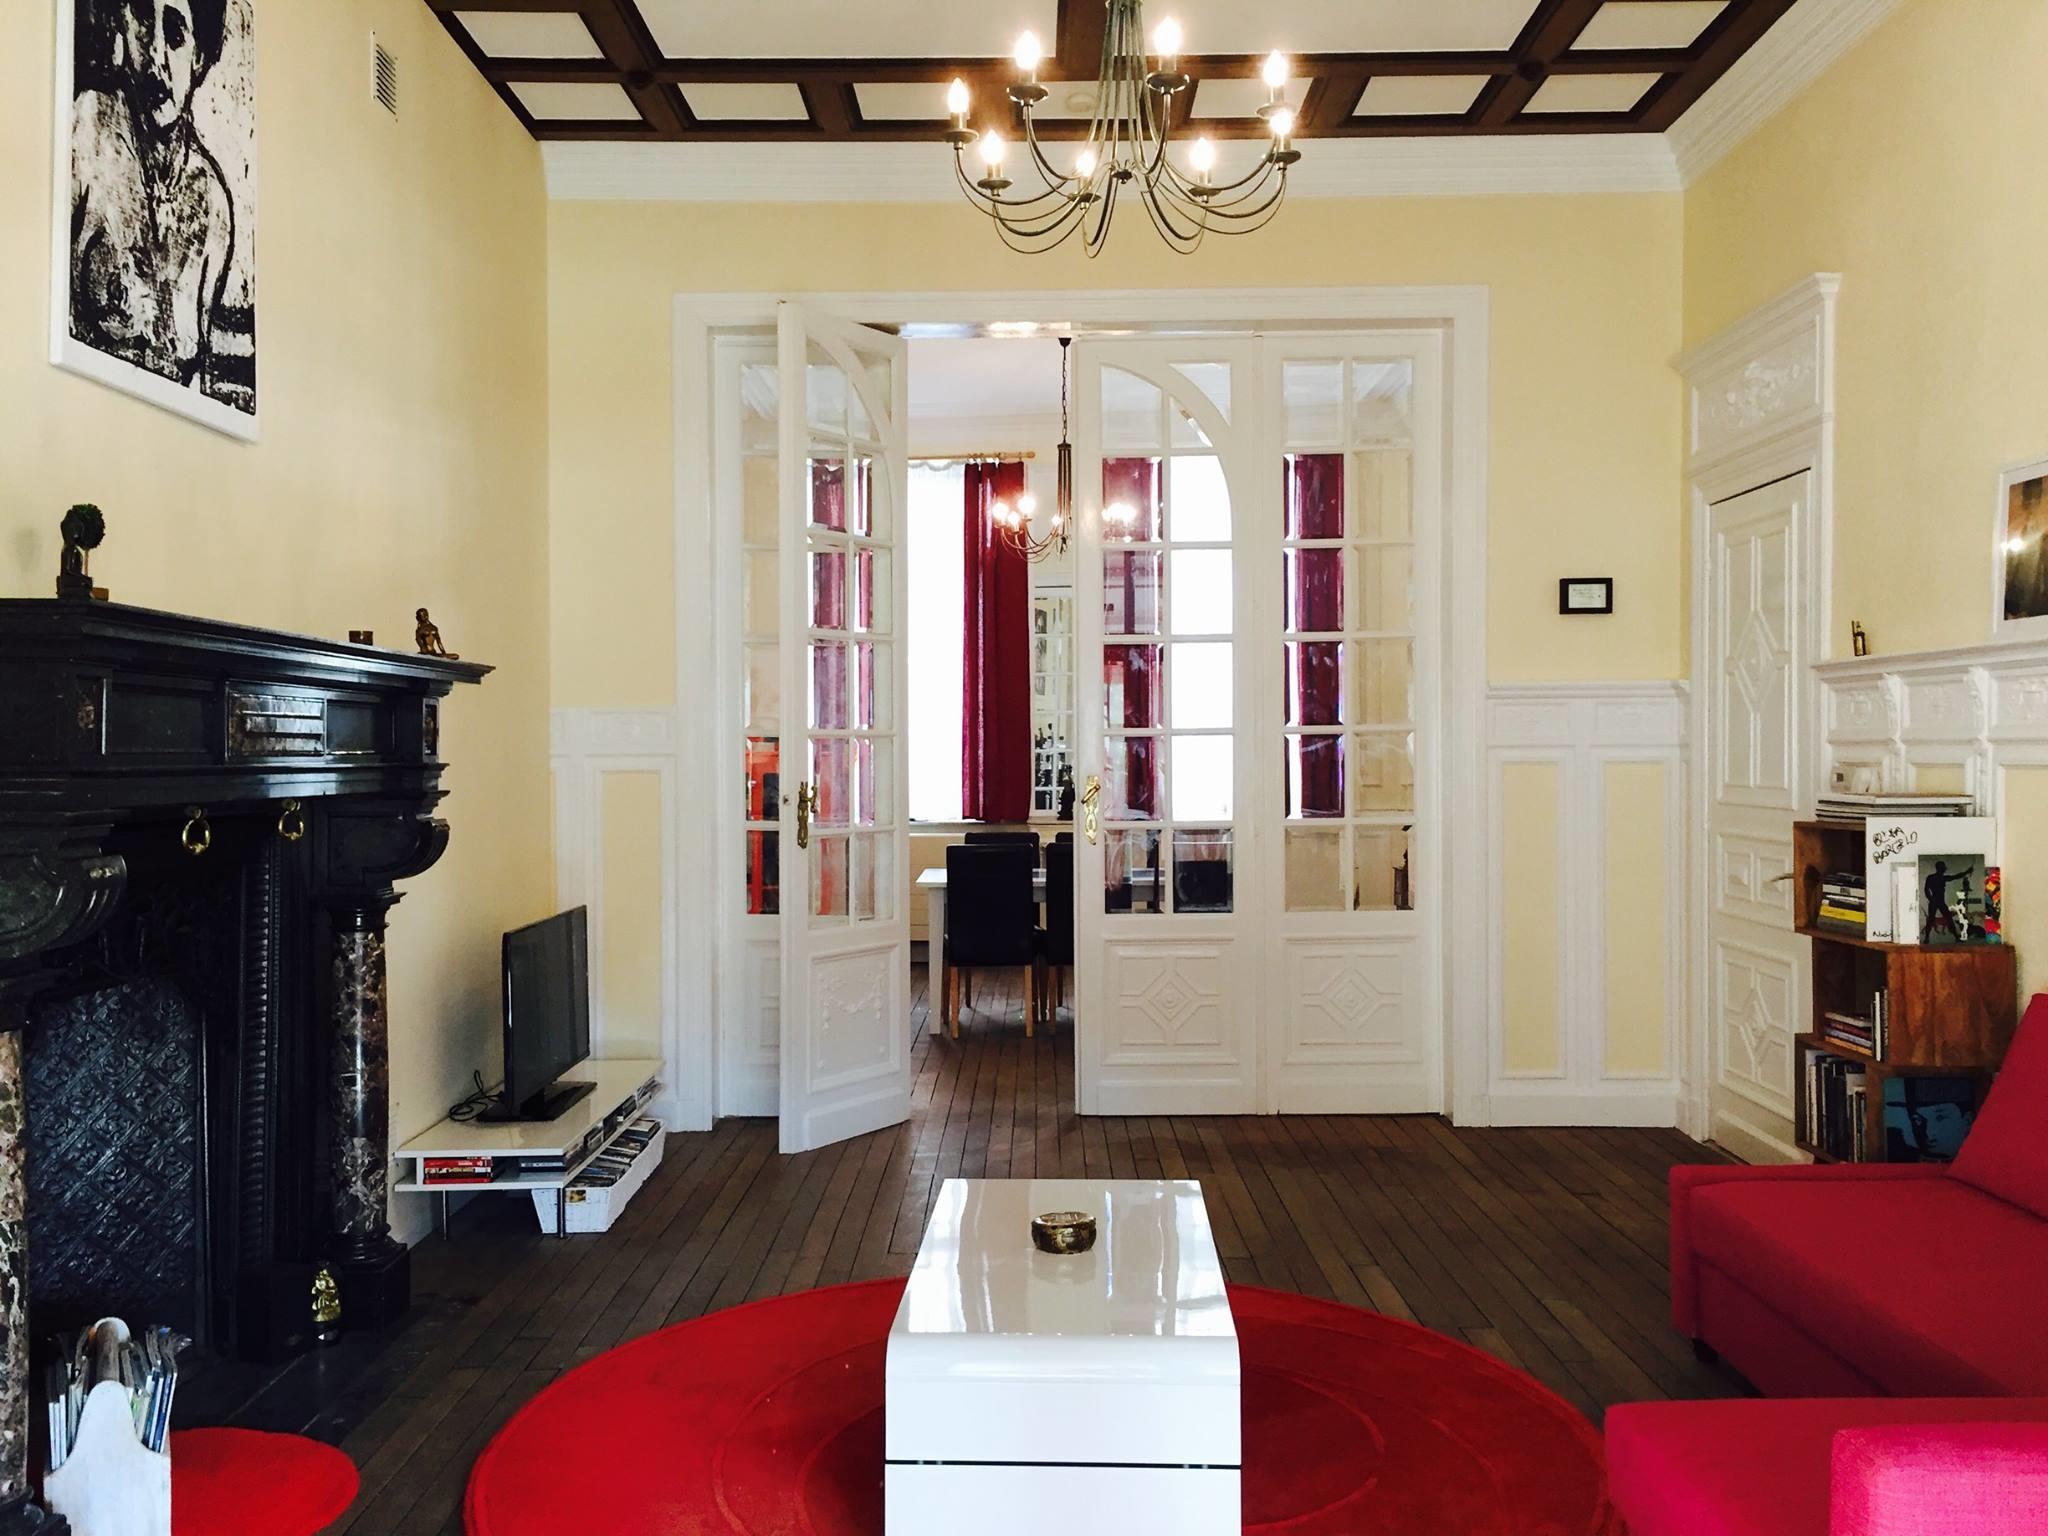 ag d coration peinture r novations am nagement int rieur et ext rieur aubange t l 049310 78. Black Bedroom Furniture Sets. Home Design Ideas